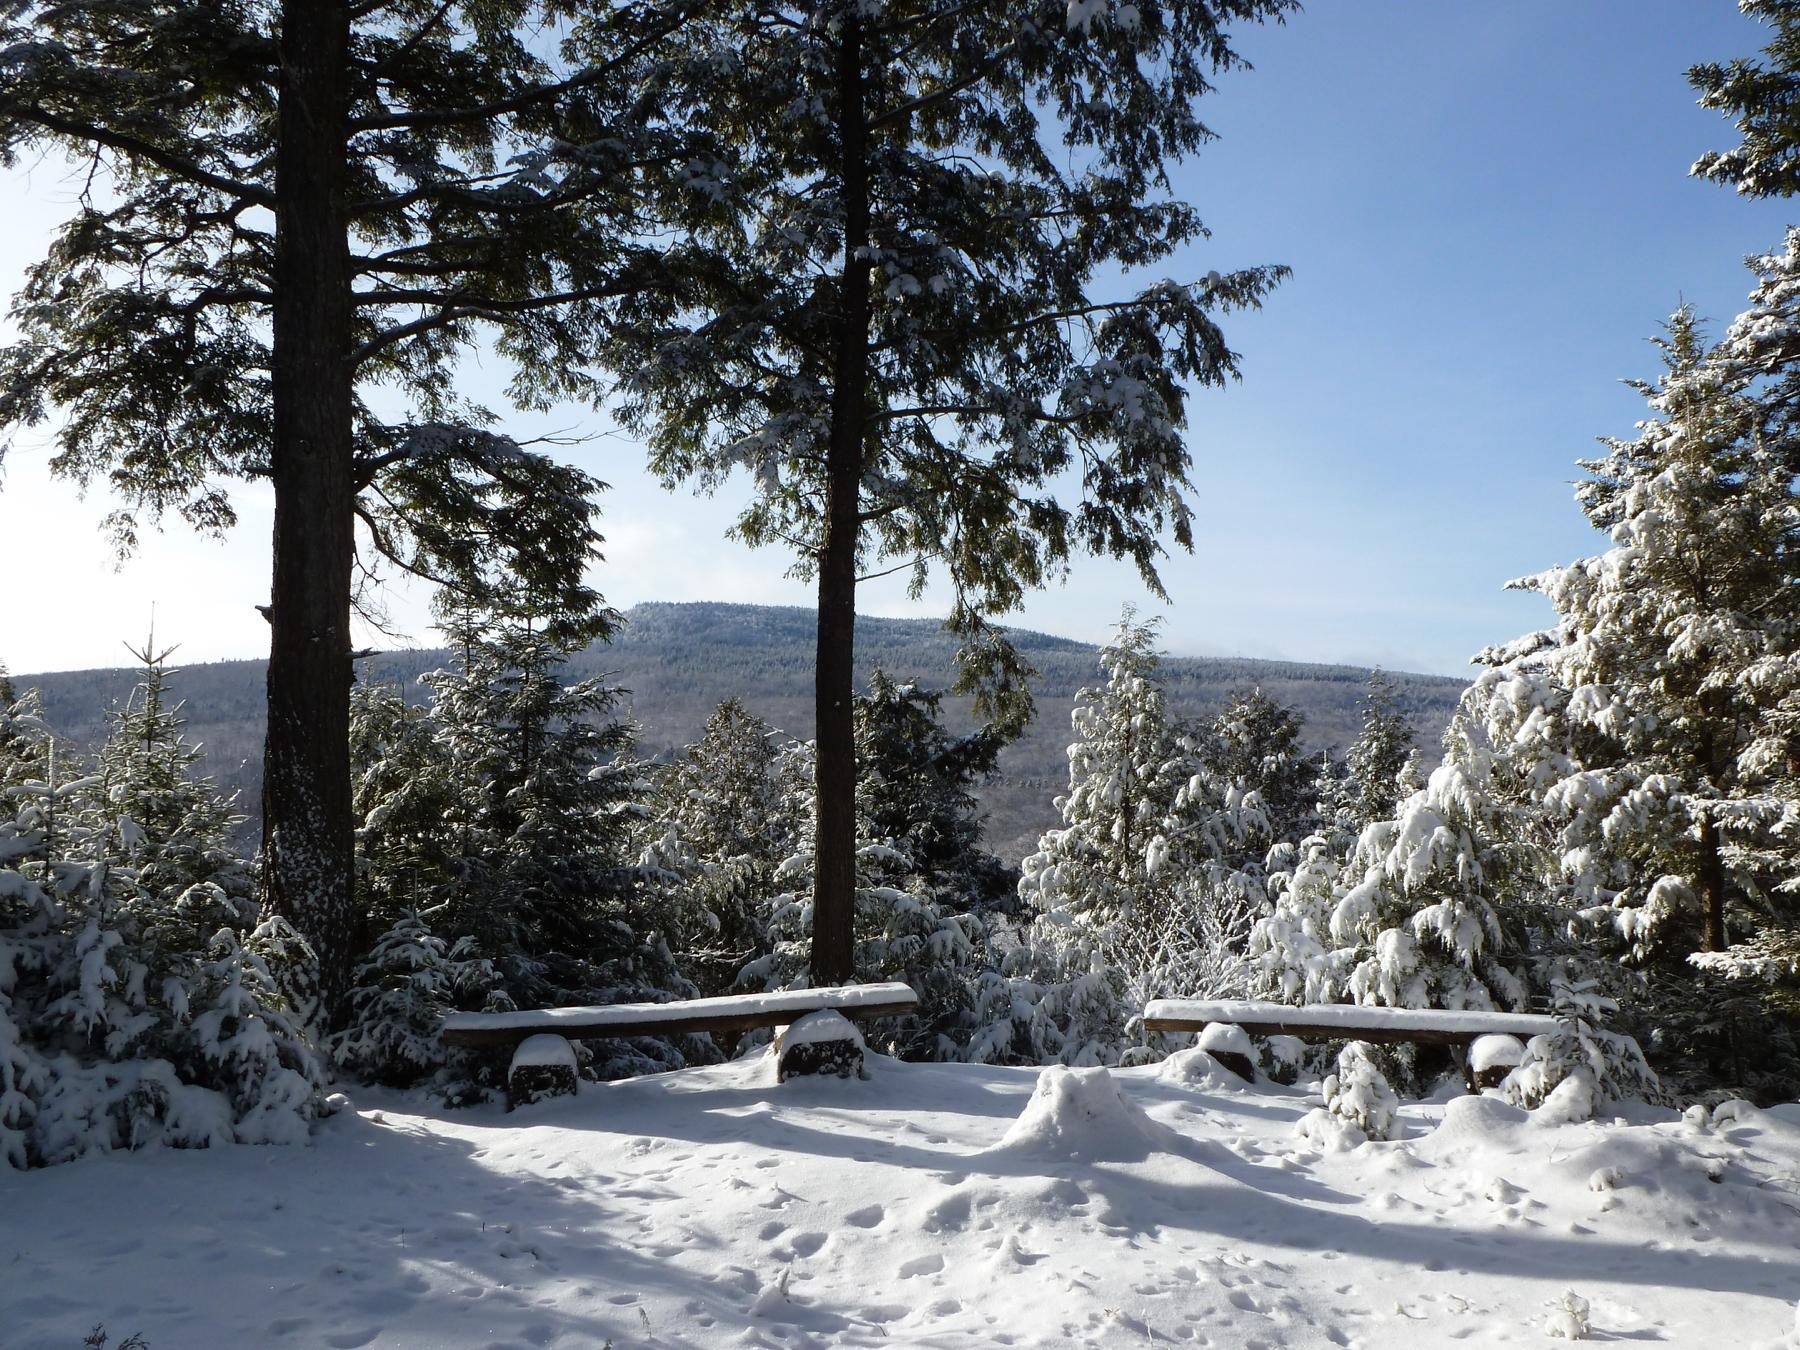 parc-montagne-du-diable-paysage-00160_1800x1350